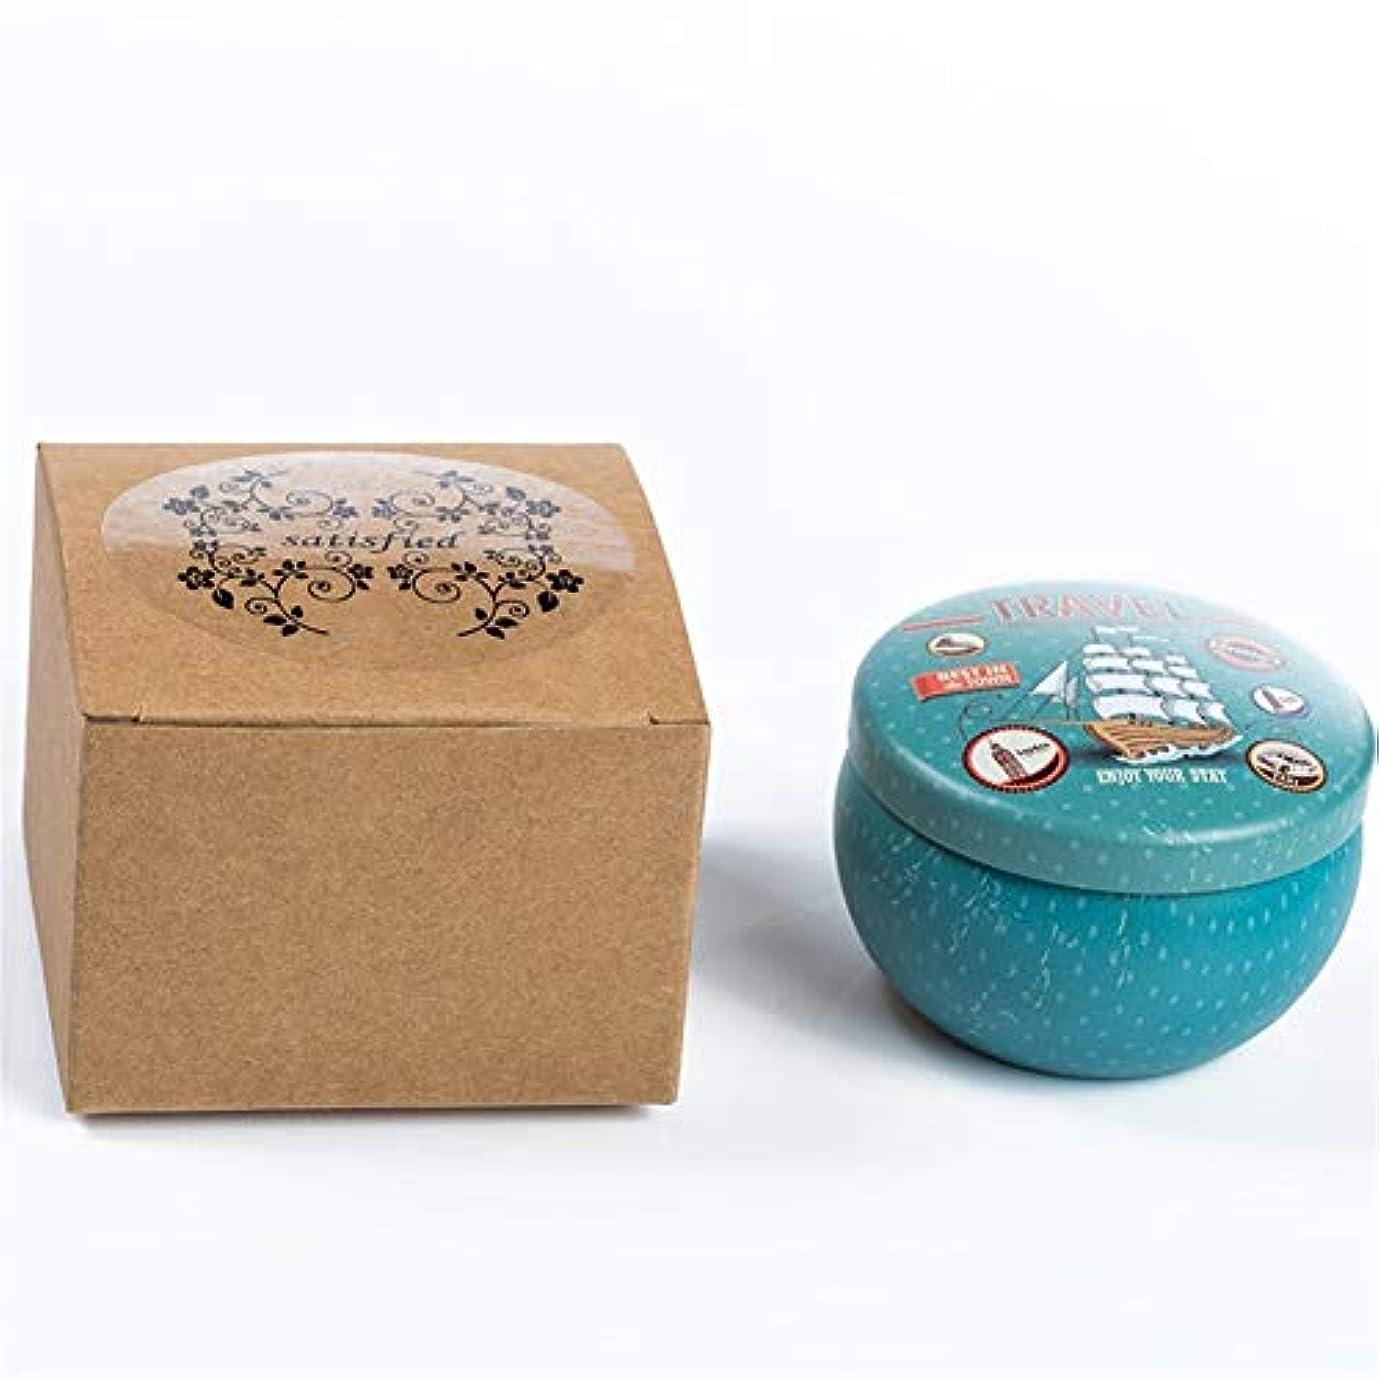 シロナガスクジラくぼみ欠かせないZtian 漫画のブリキの箱の香料入りの蝋燭の家のなだめるような睡眠、新しく、快適な臭いがする蝋燭 (色 : Blackberries)